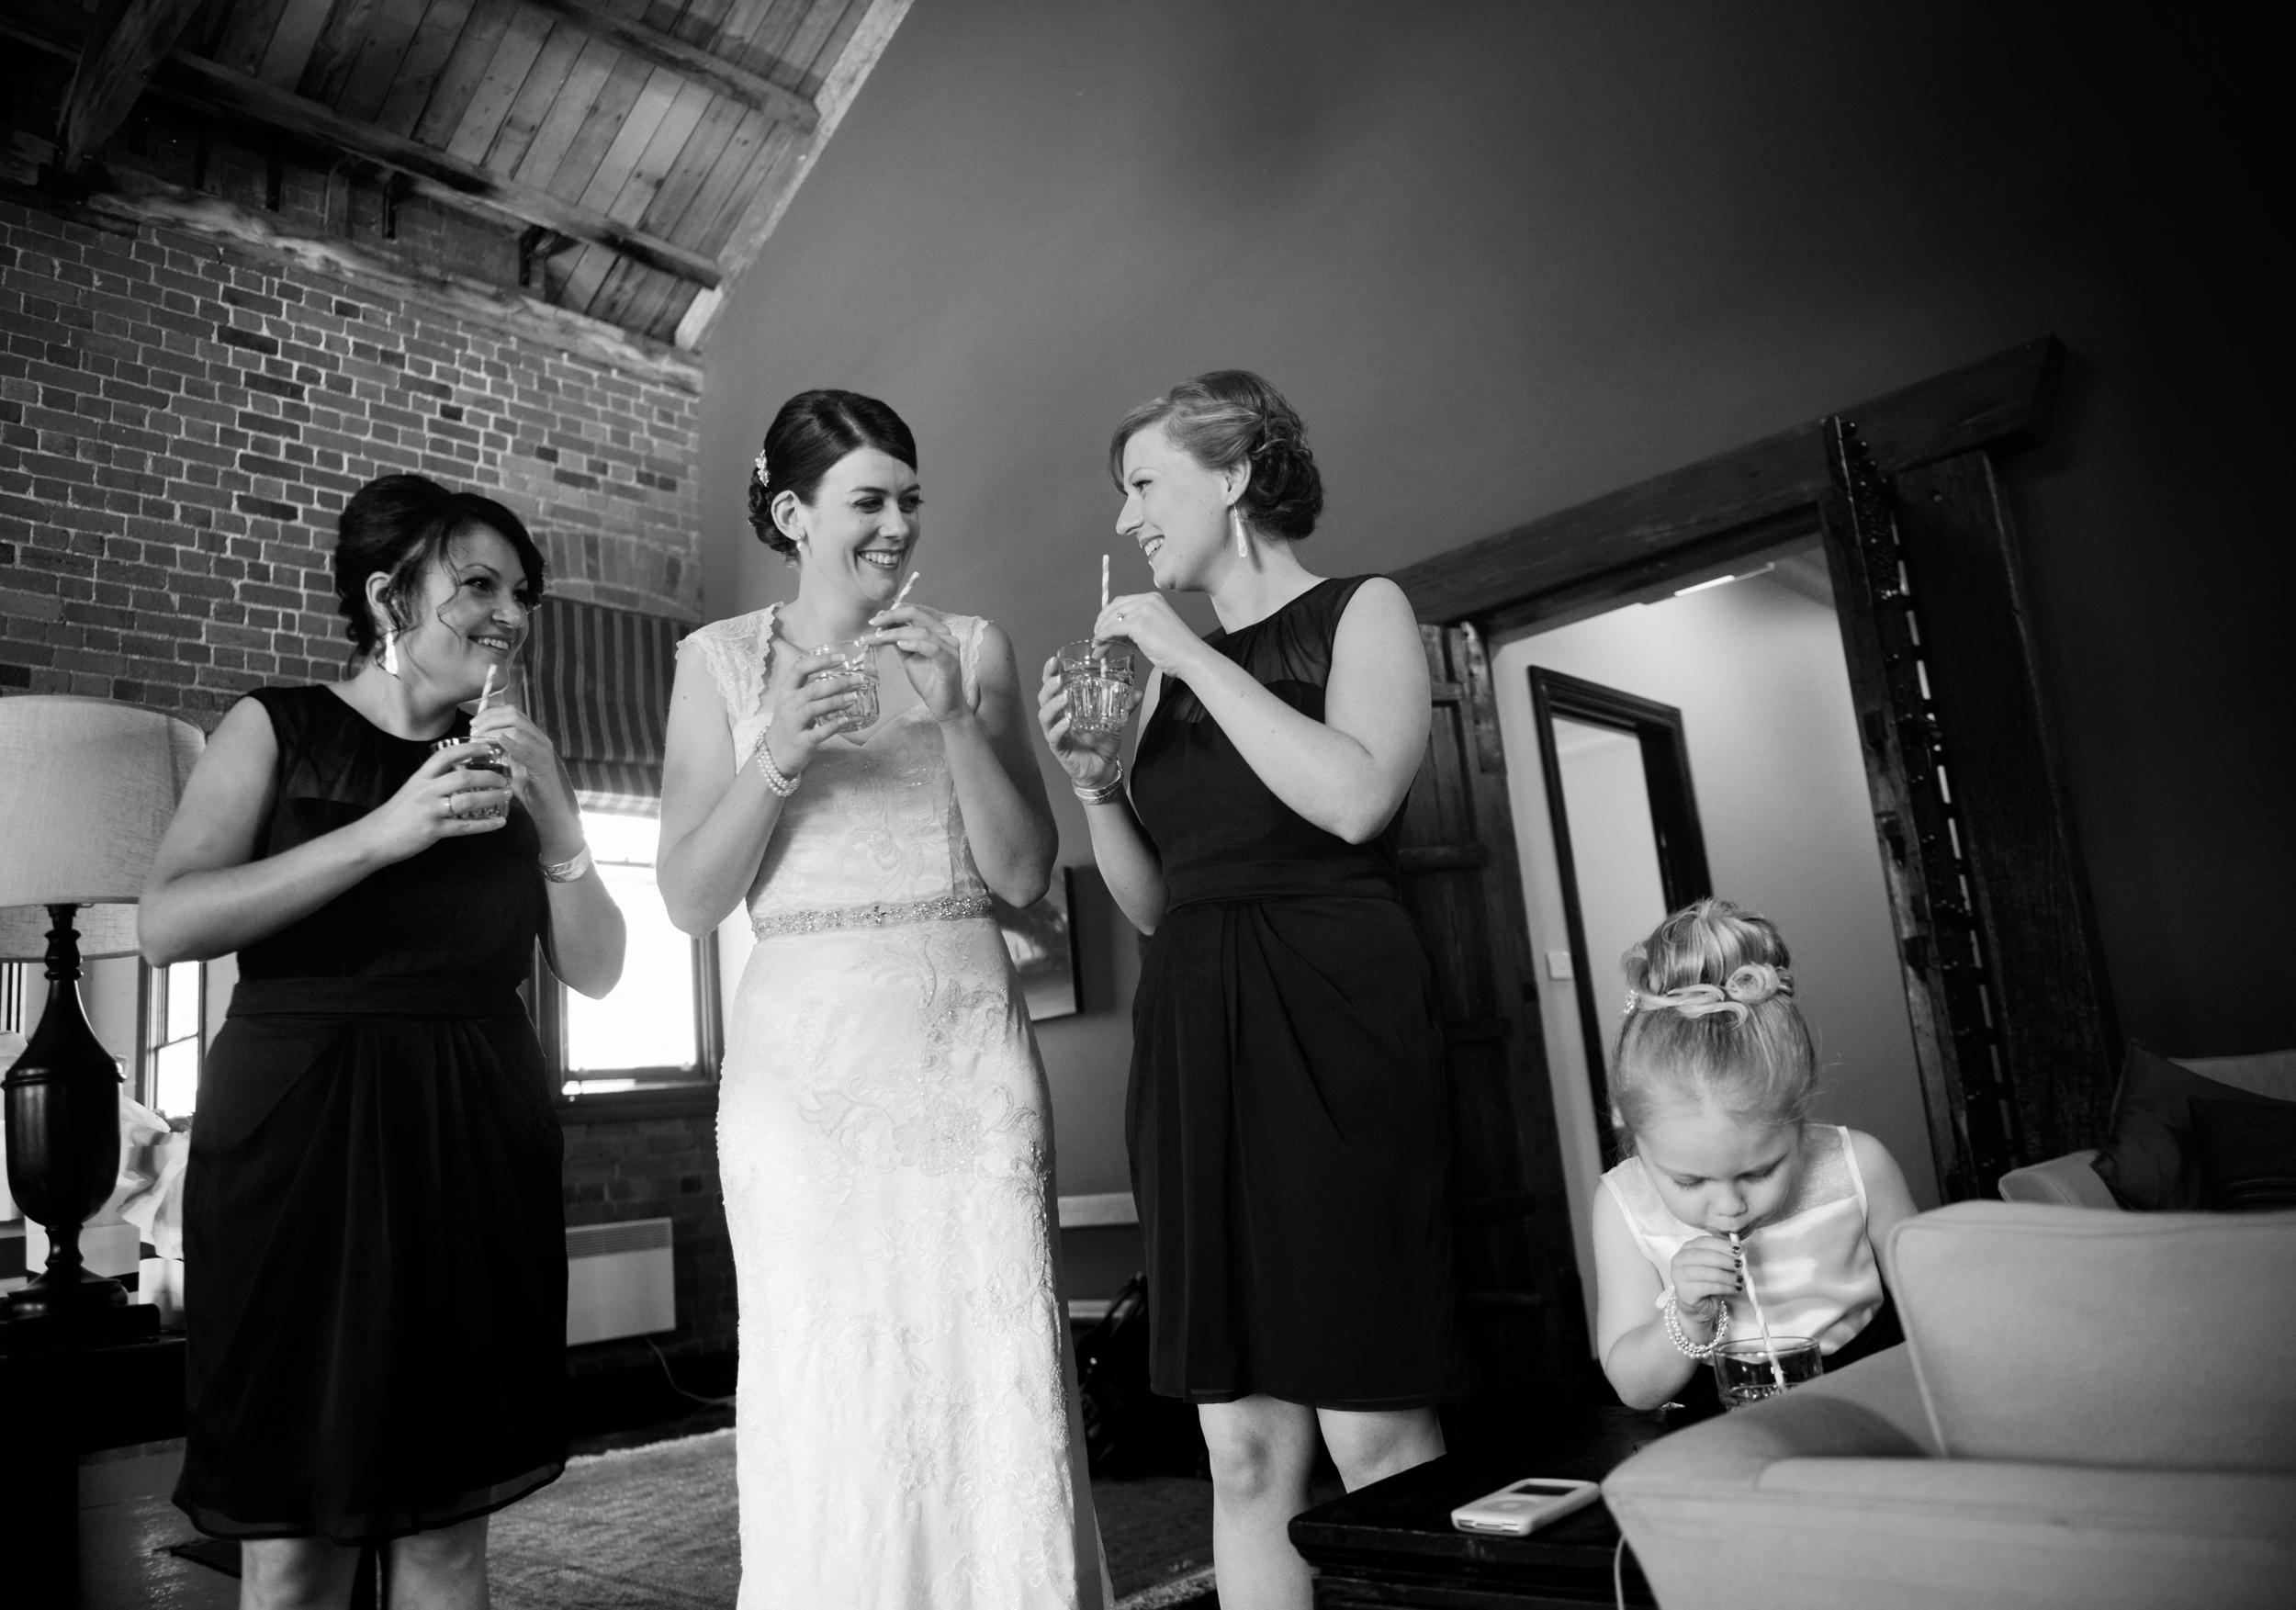 euroa_butter_factory_wedding_photography_09.jpg